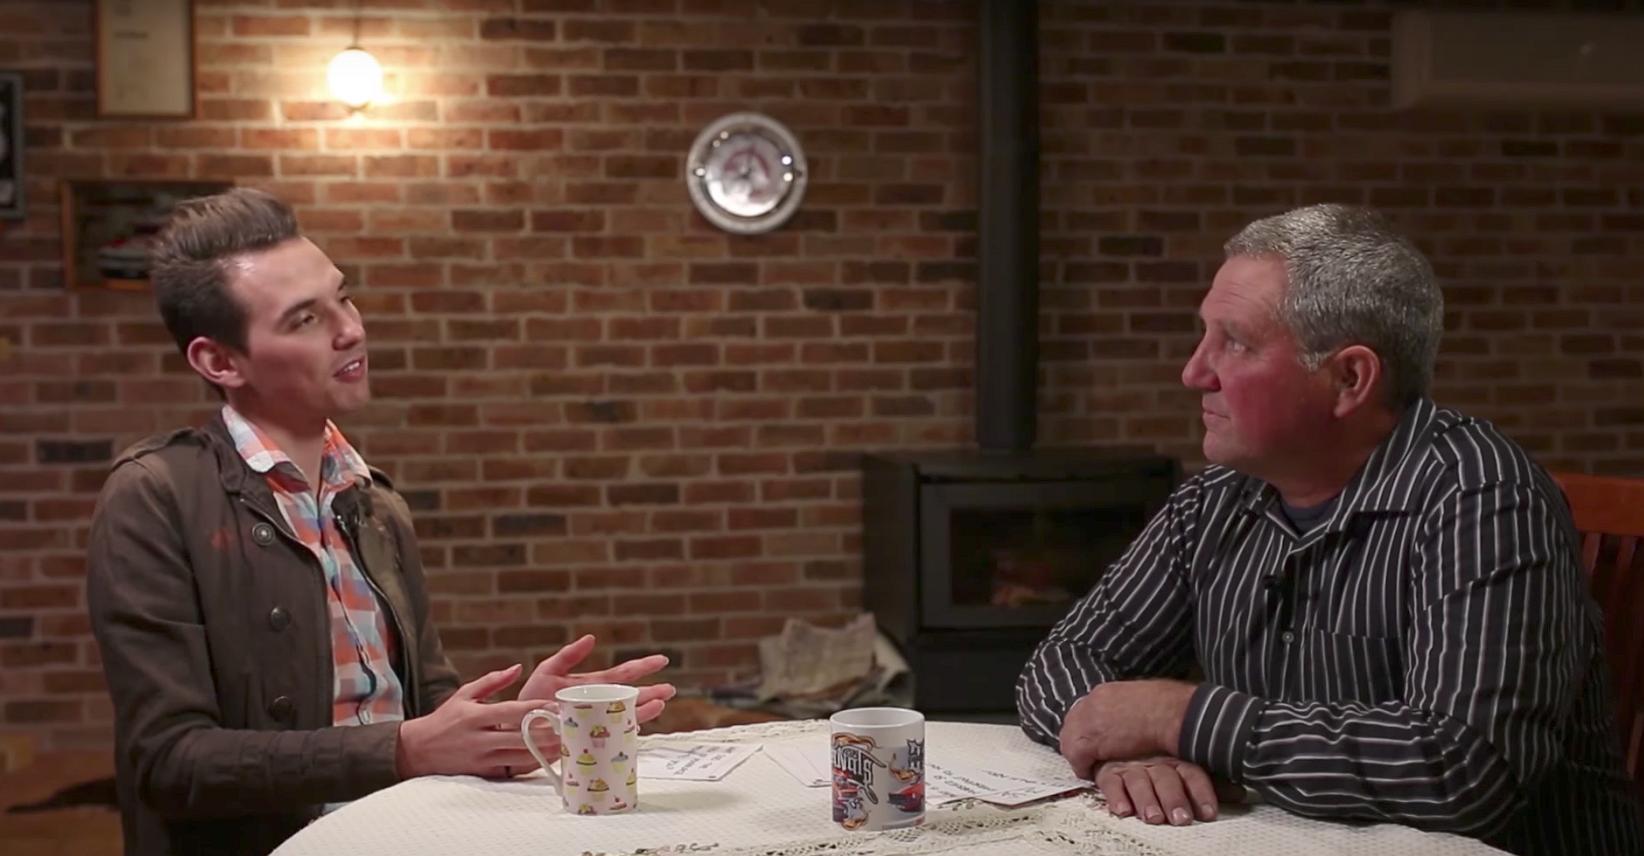 Videosnack | Deze jongen gaat met zijn vader in gesprek over gelijke huwelijksrechten